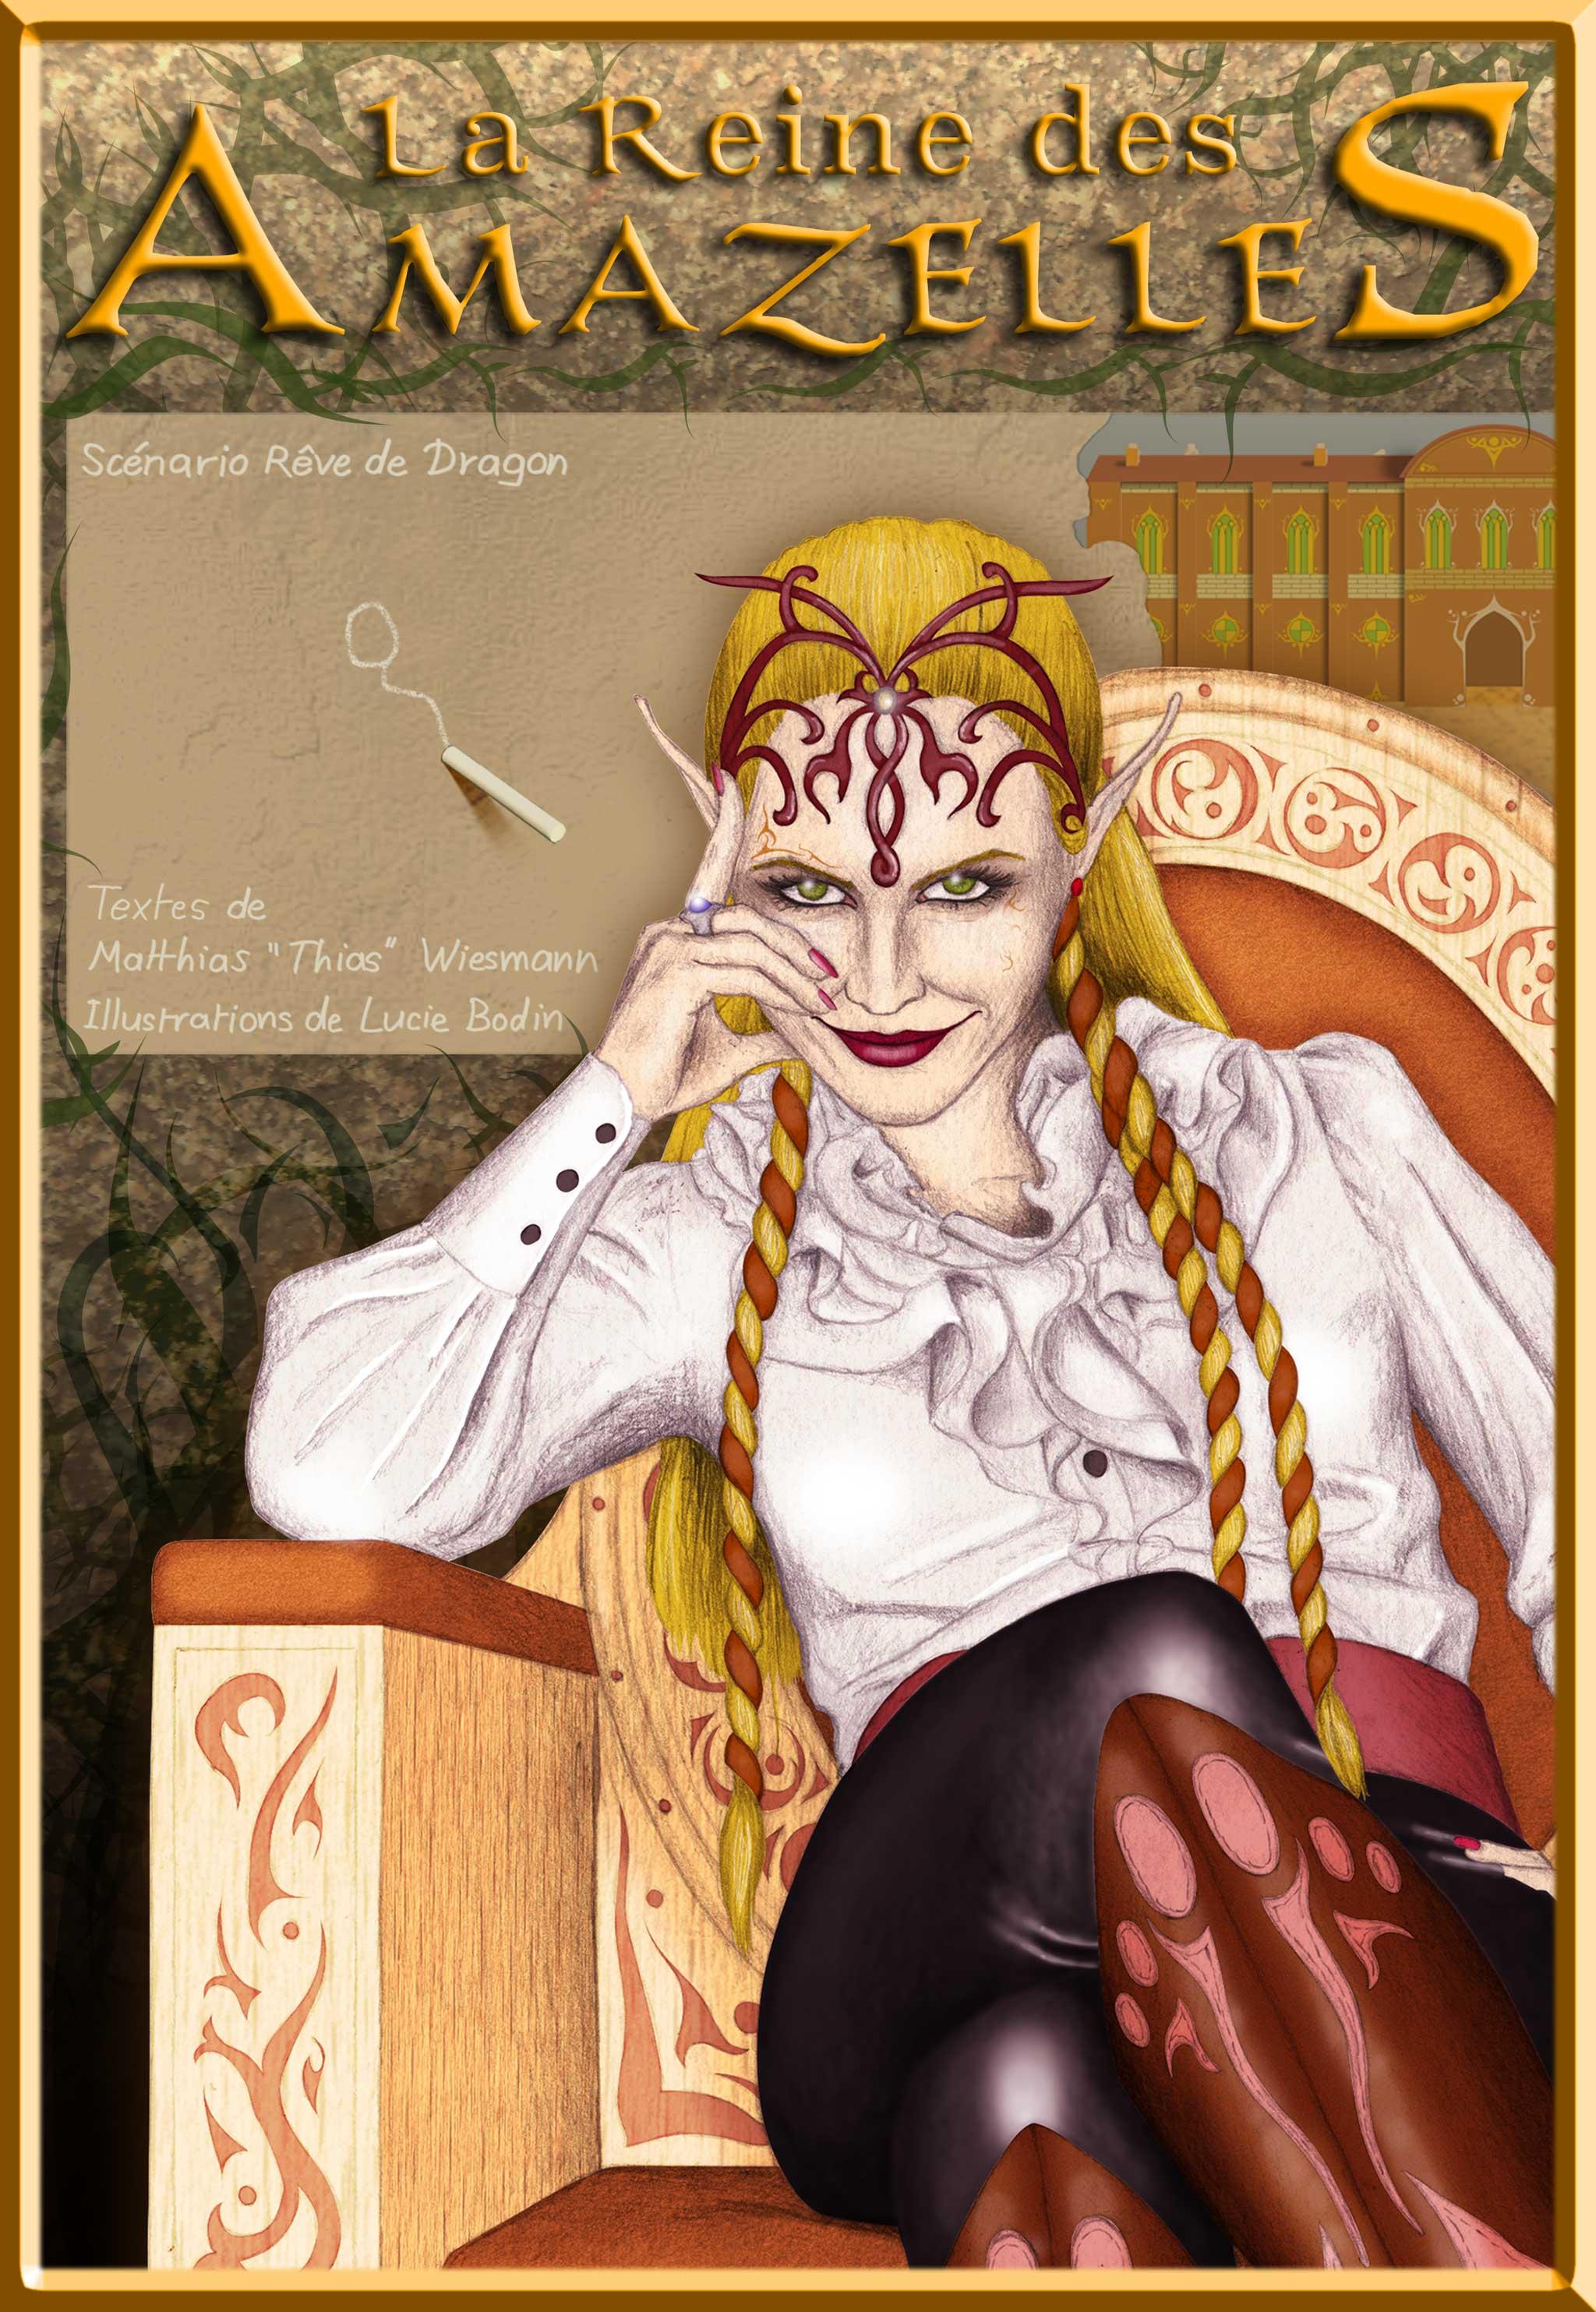 """La reine des Amazelles Scénario Rêve de DragonTexte de Matthias """"Thias"""" Wiesmann Illustrations de Lucie Bodin"""